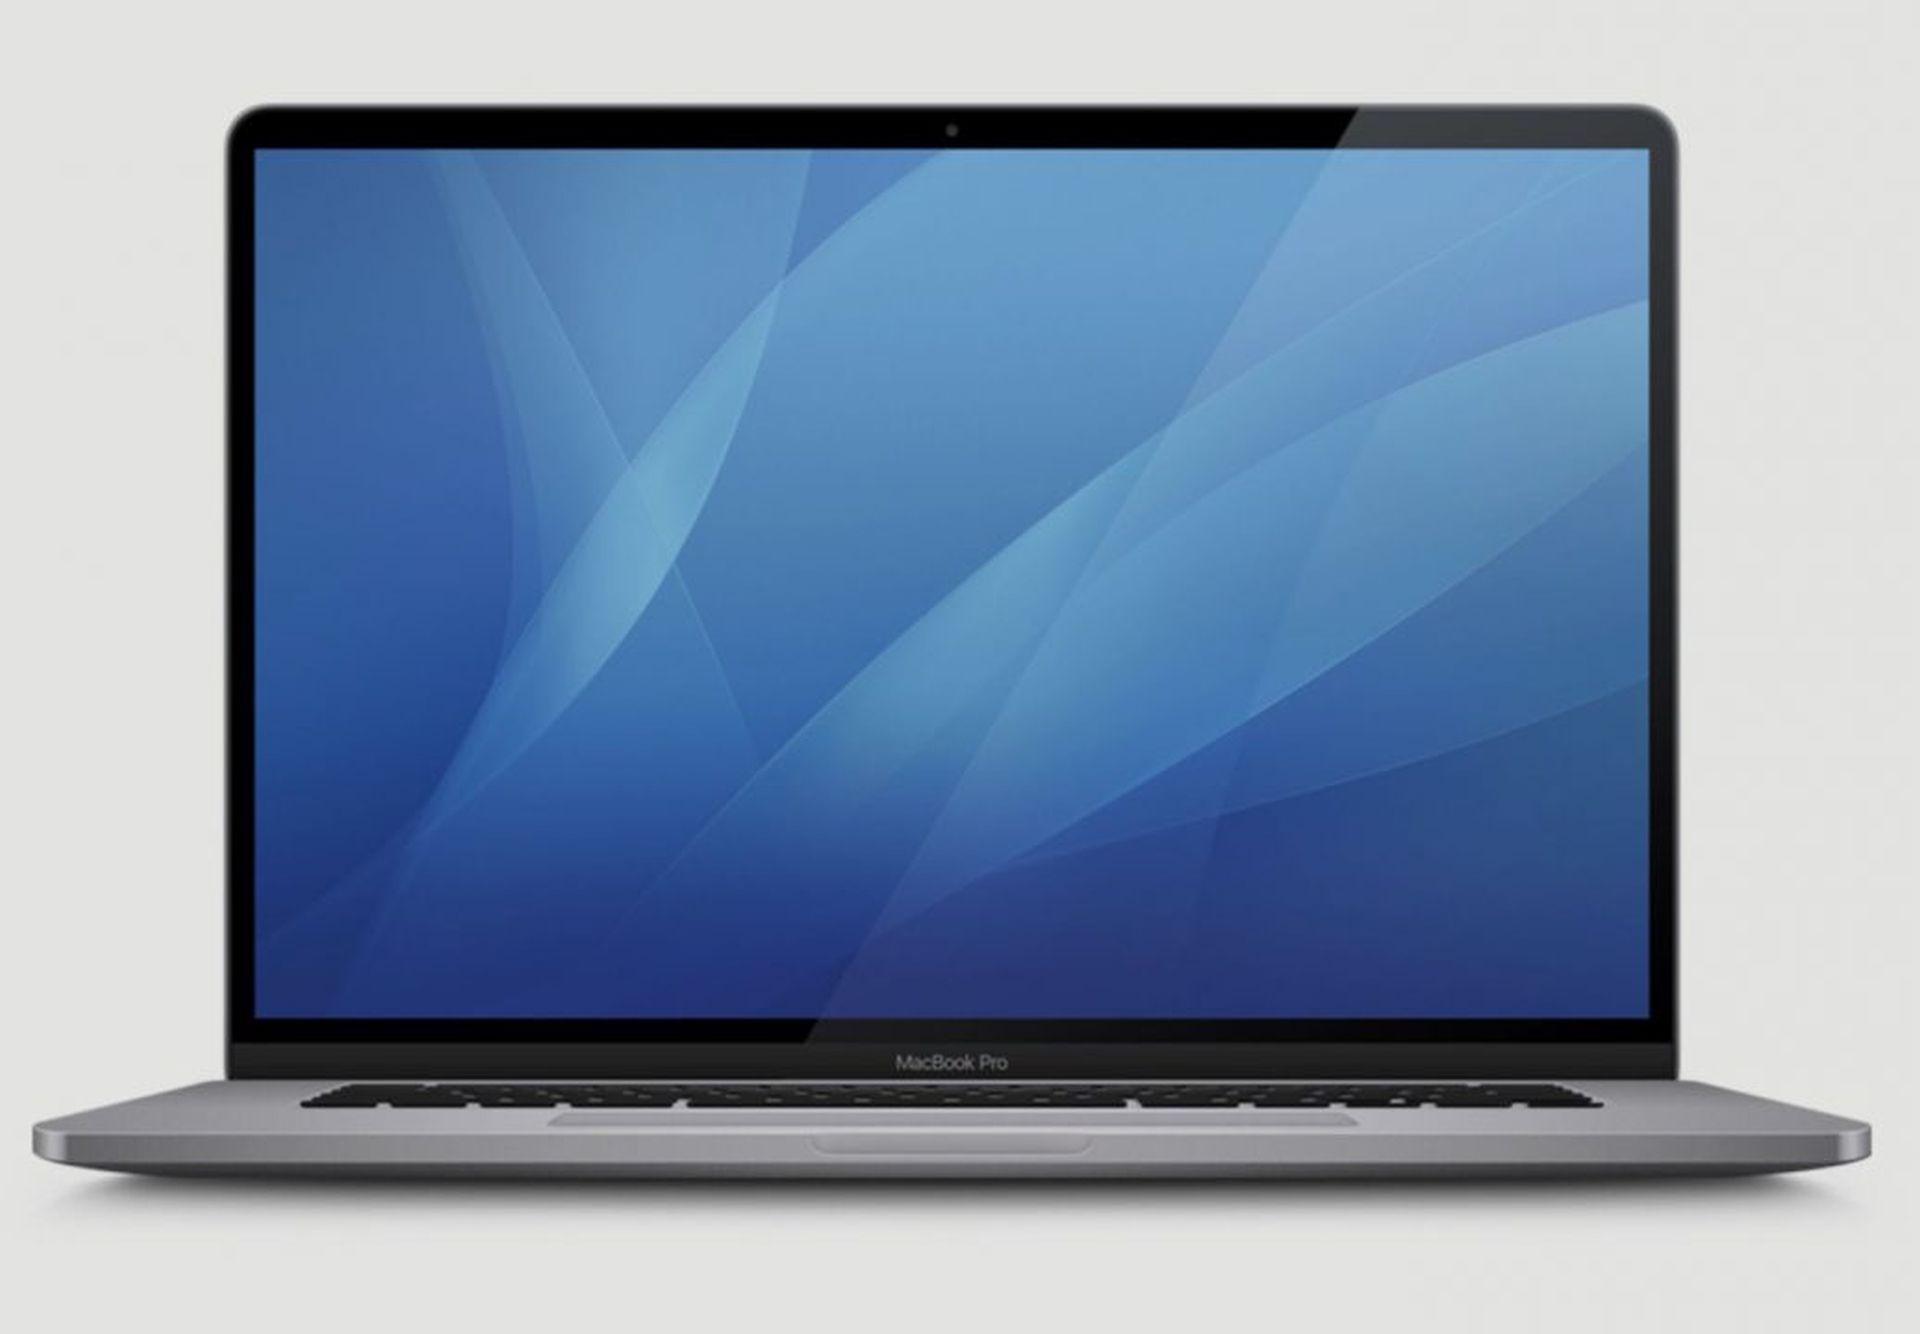 Być może w tym tygodniu premiera 16 calowego MacBooka Pro